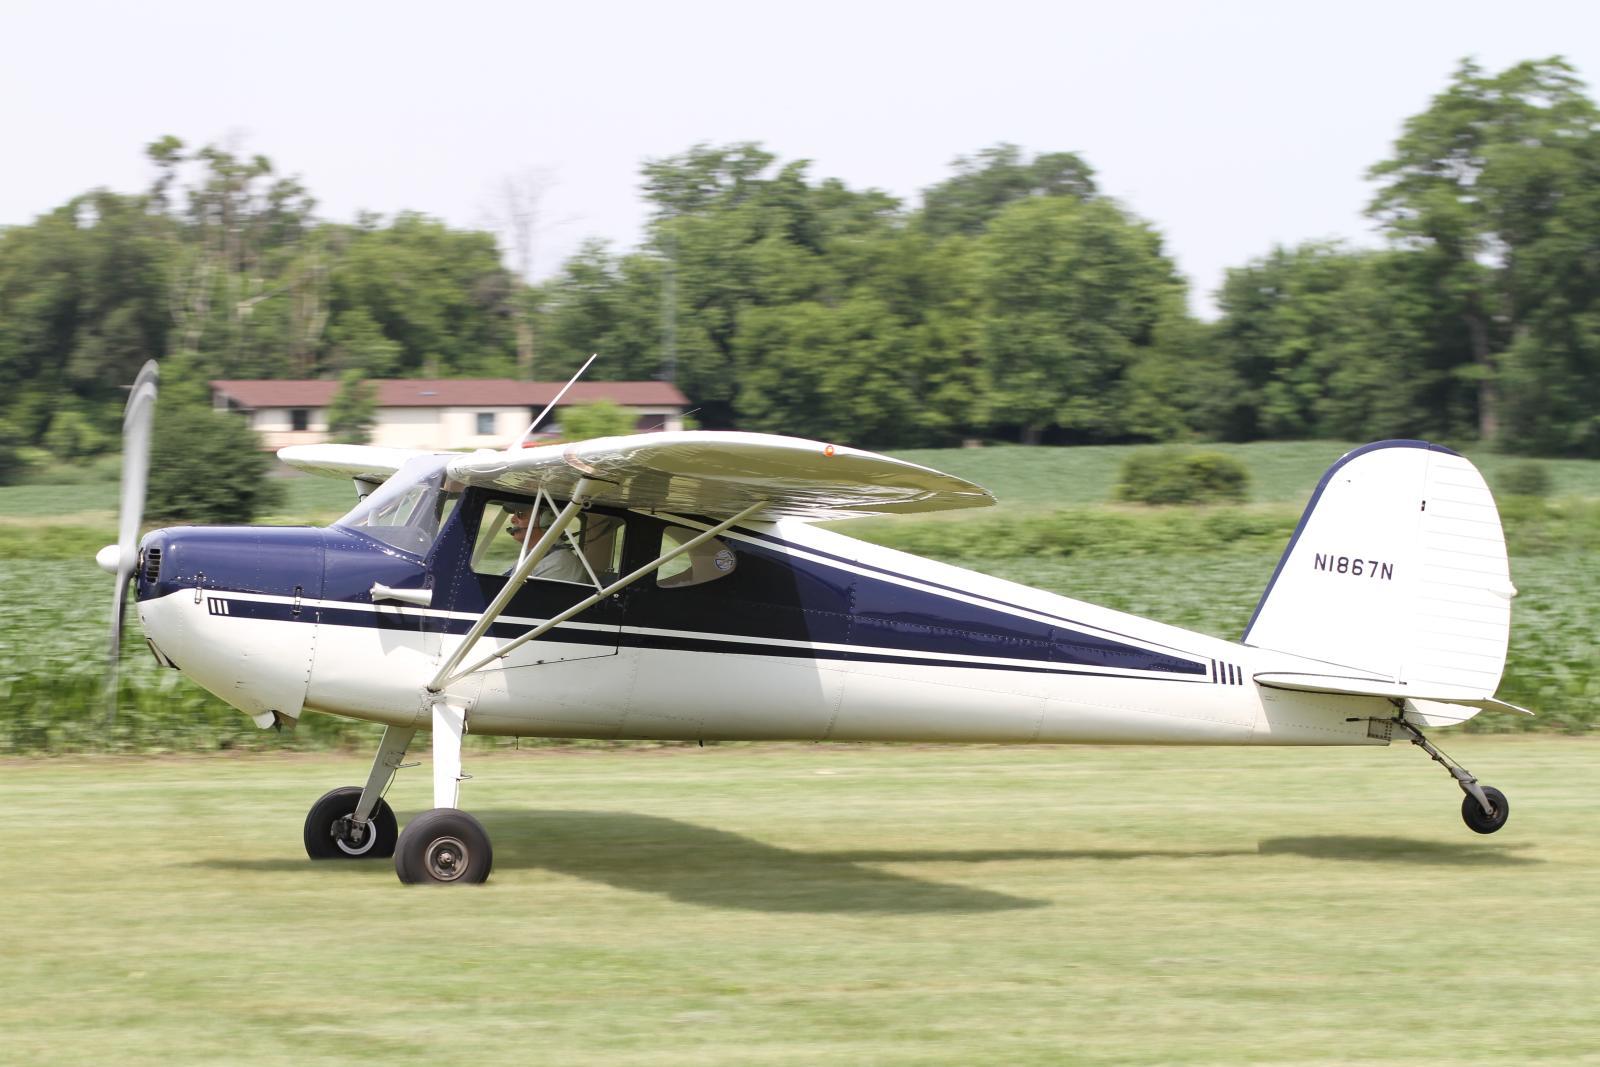 File Cessna 120 N1867n Jpg Wikimedia Commons